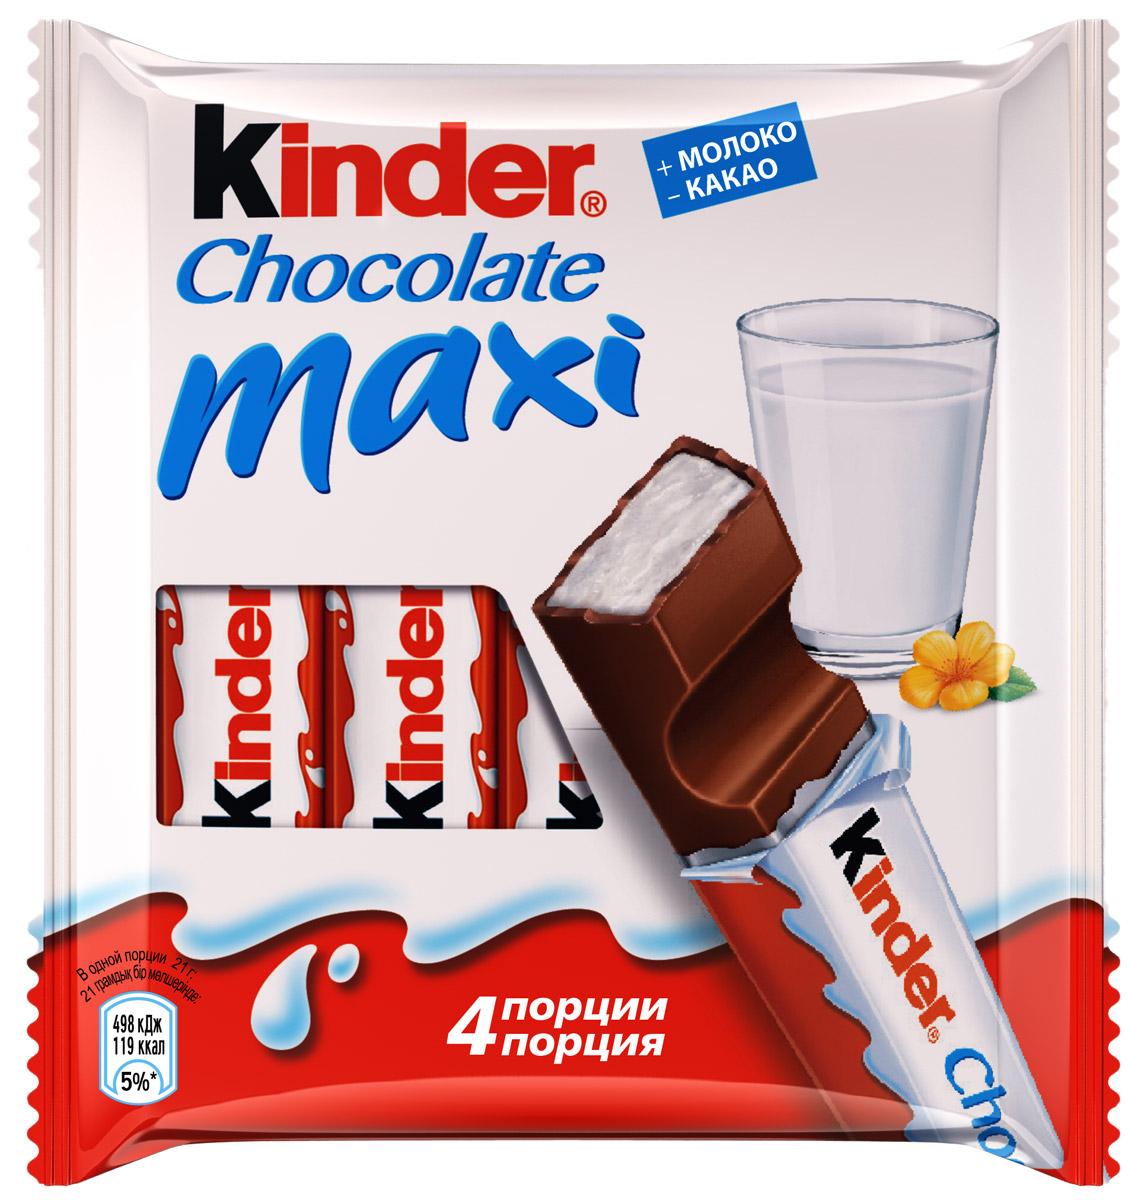 Kinder Chocolate Maxi шоколадный батончик молочный, 4 шт по 21 г77115589/77105816/77100797Превосходный шоколадный батончик из молочного шоколада с молочной начинкой, созданный специально для детей с 3-х лет